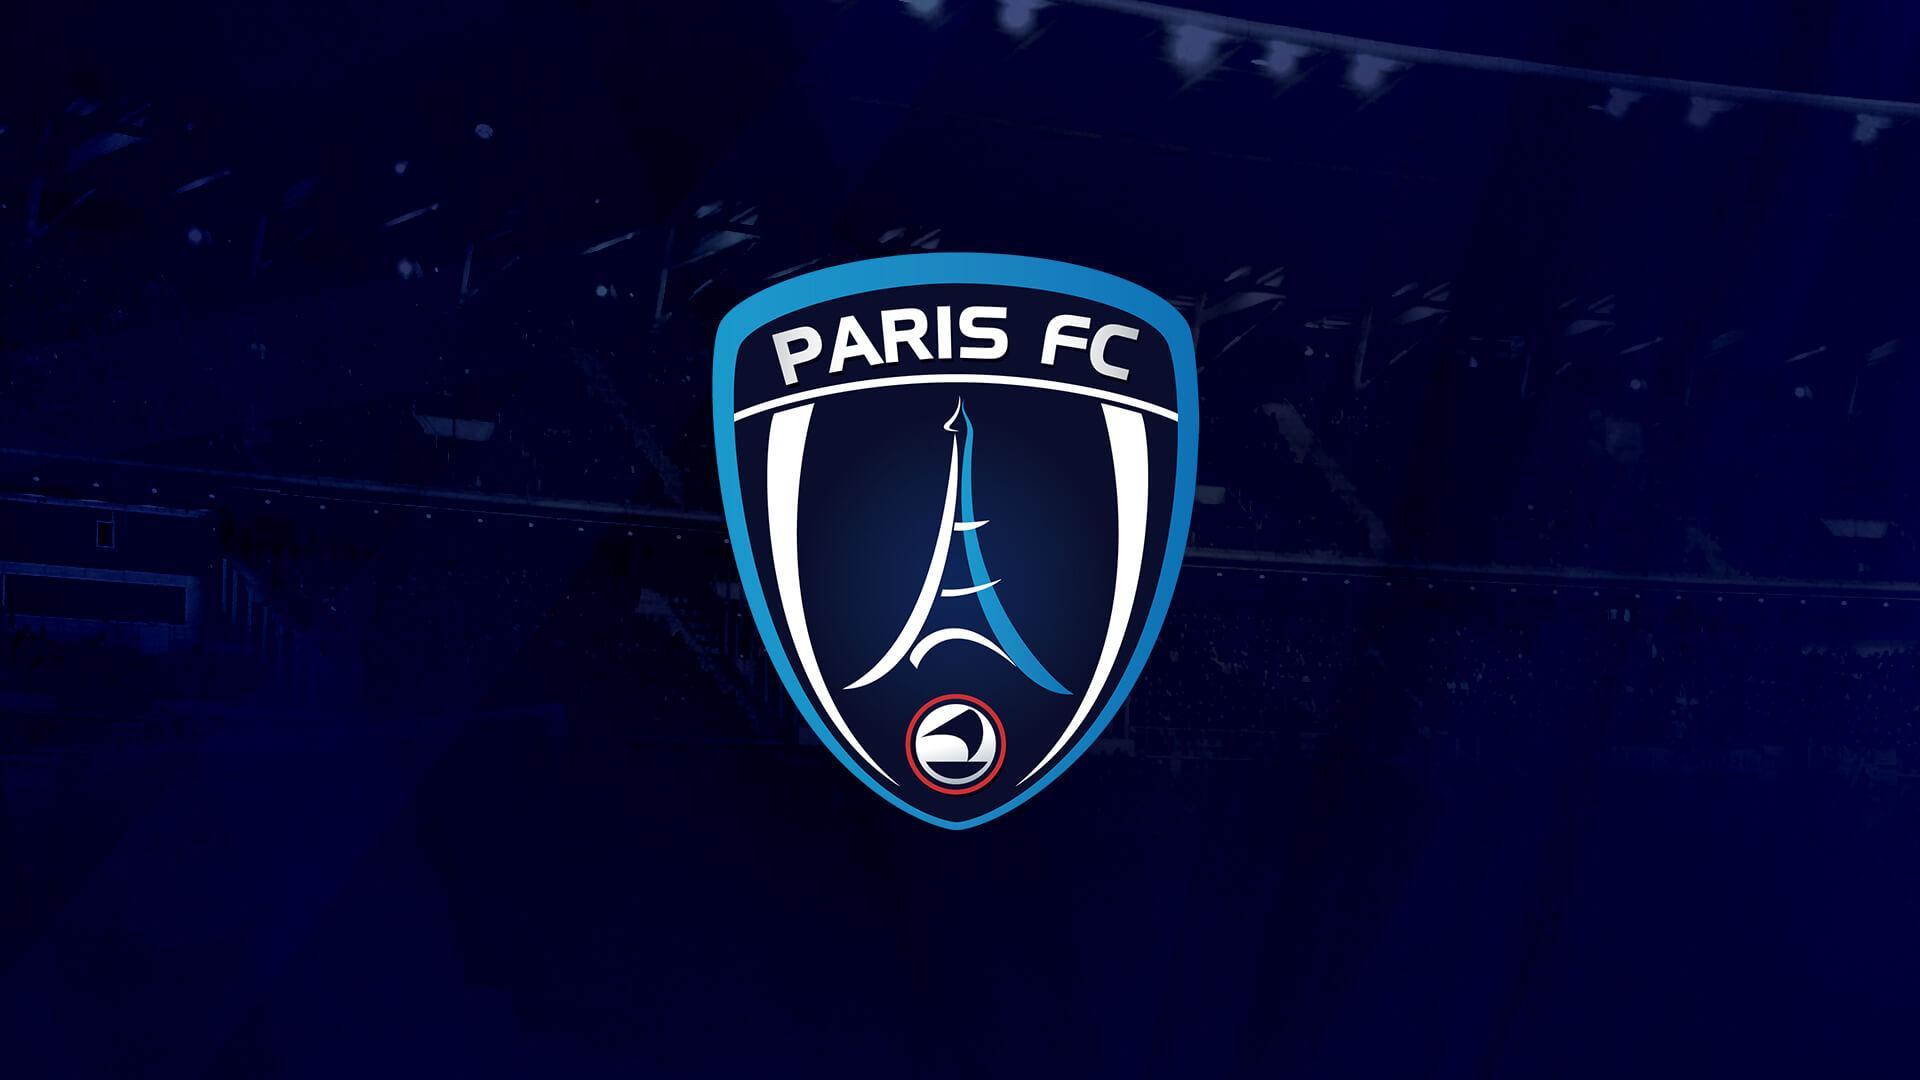 Paris FC – EA Guingamp limité à 1 000 personnes